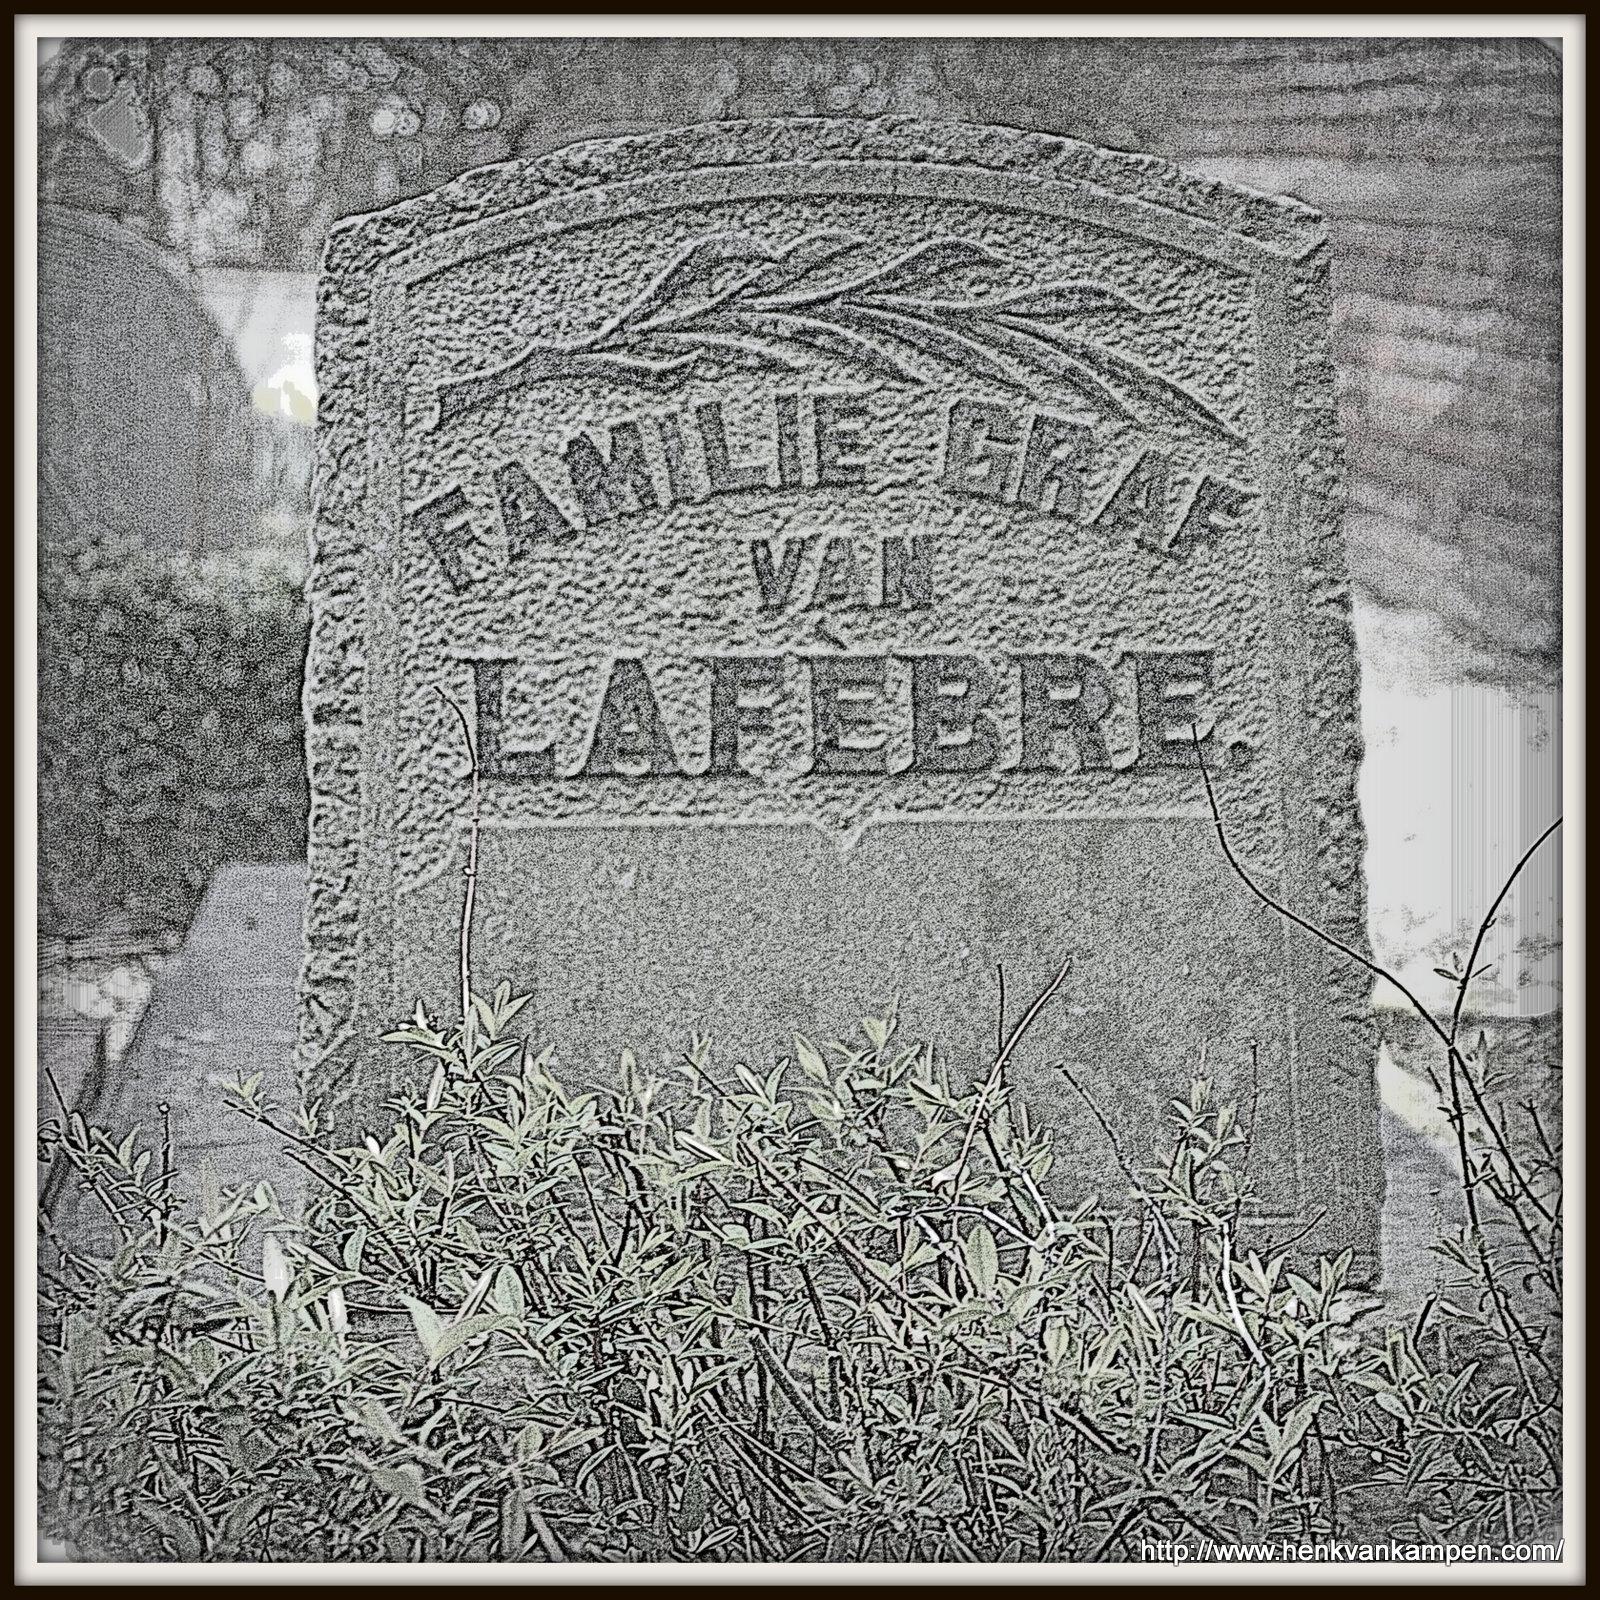 Lafebre family grave, Kerkveld cemetery, Nieuwegein